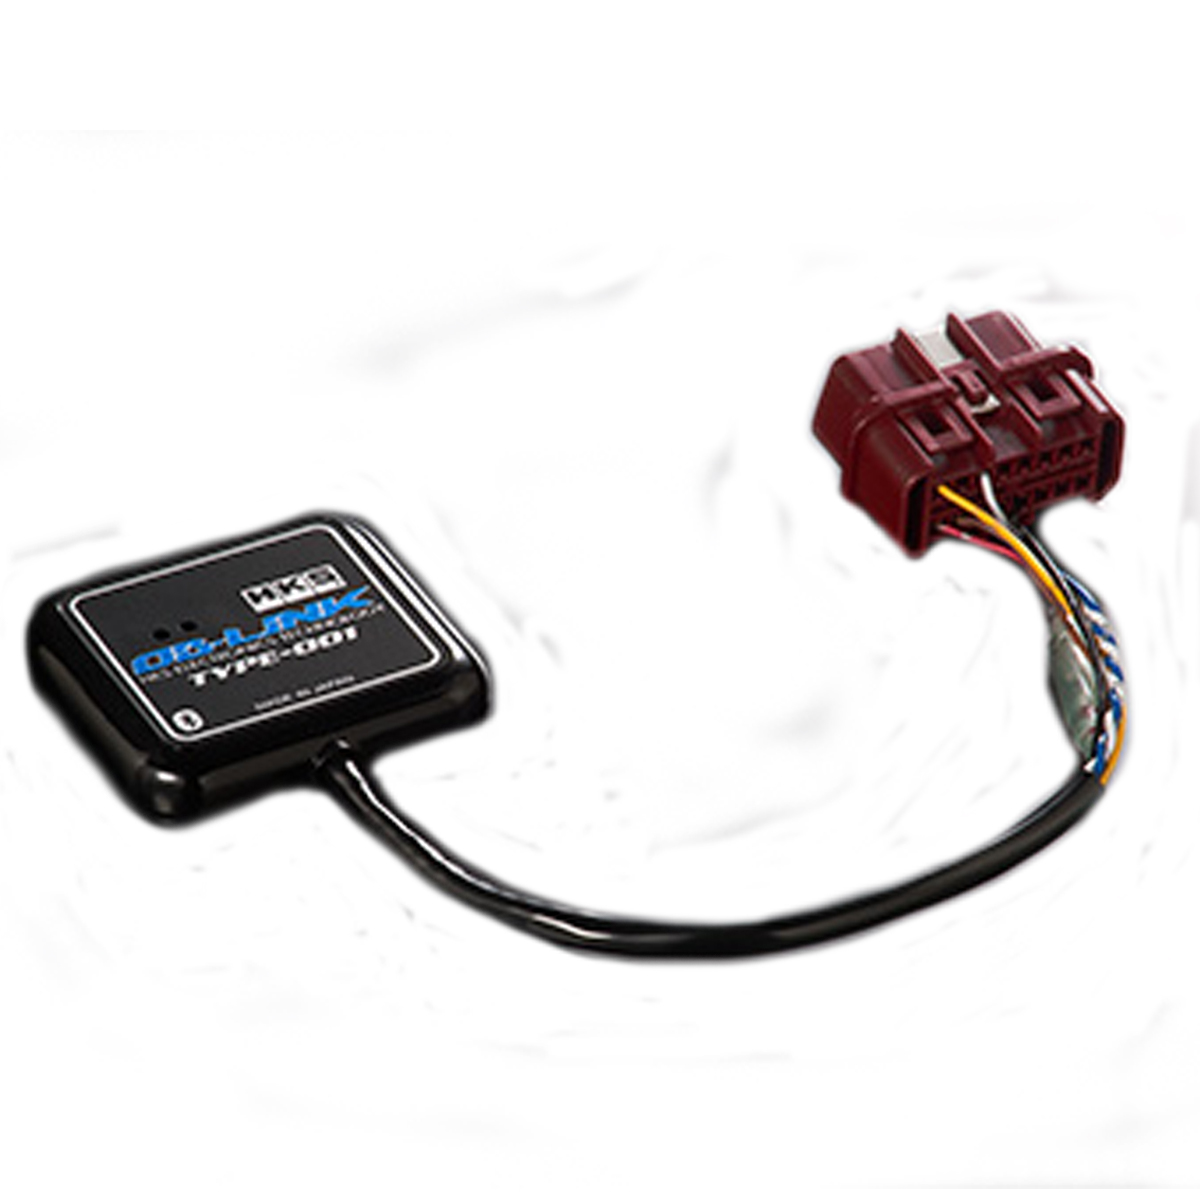 クラウン ロイヤ ル モニター OBリンク タイプ 001 GRS180 HKS 44009-AK002 エレクトリニクス